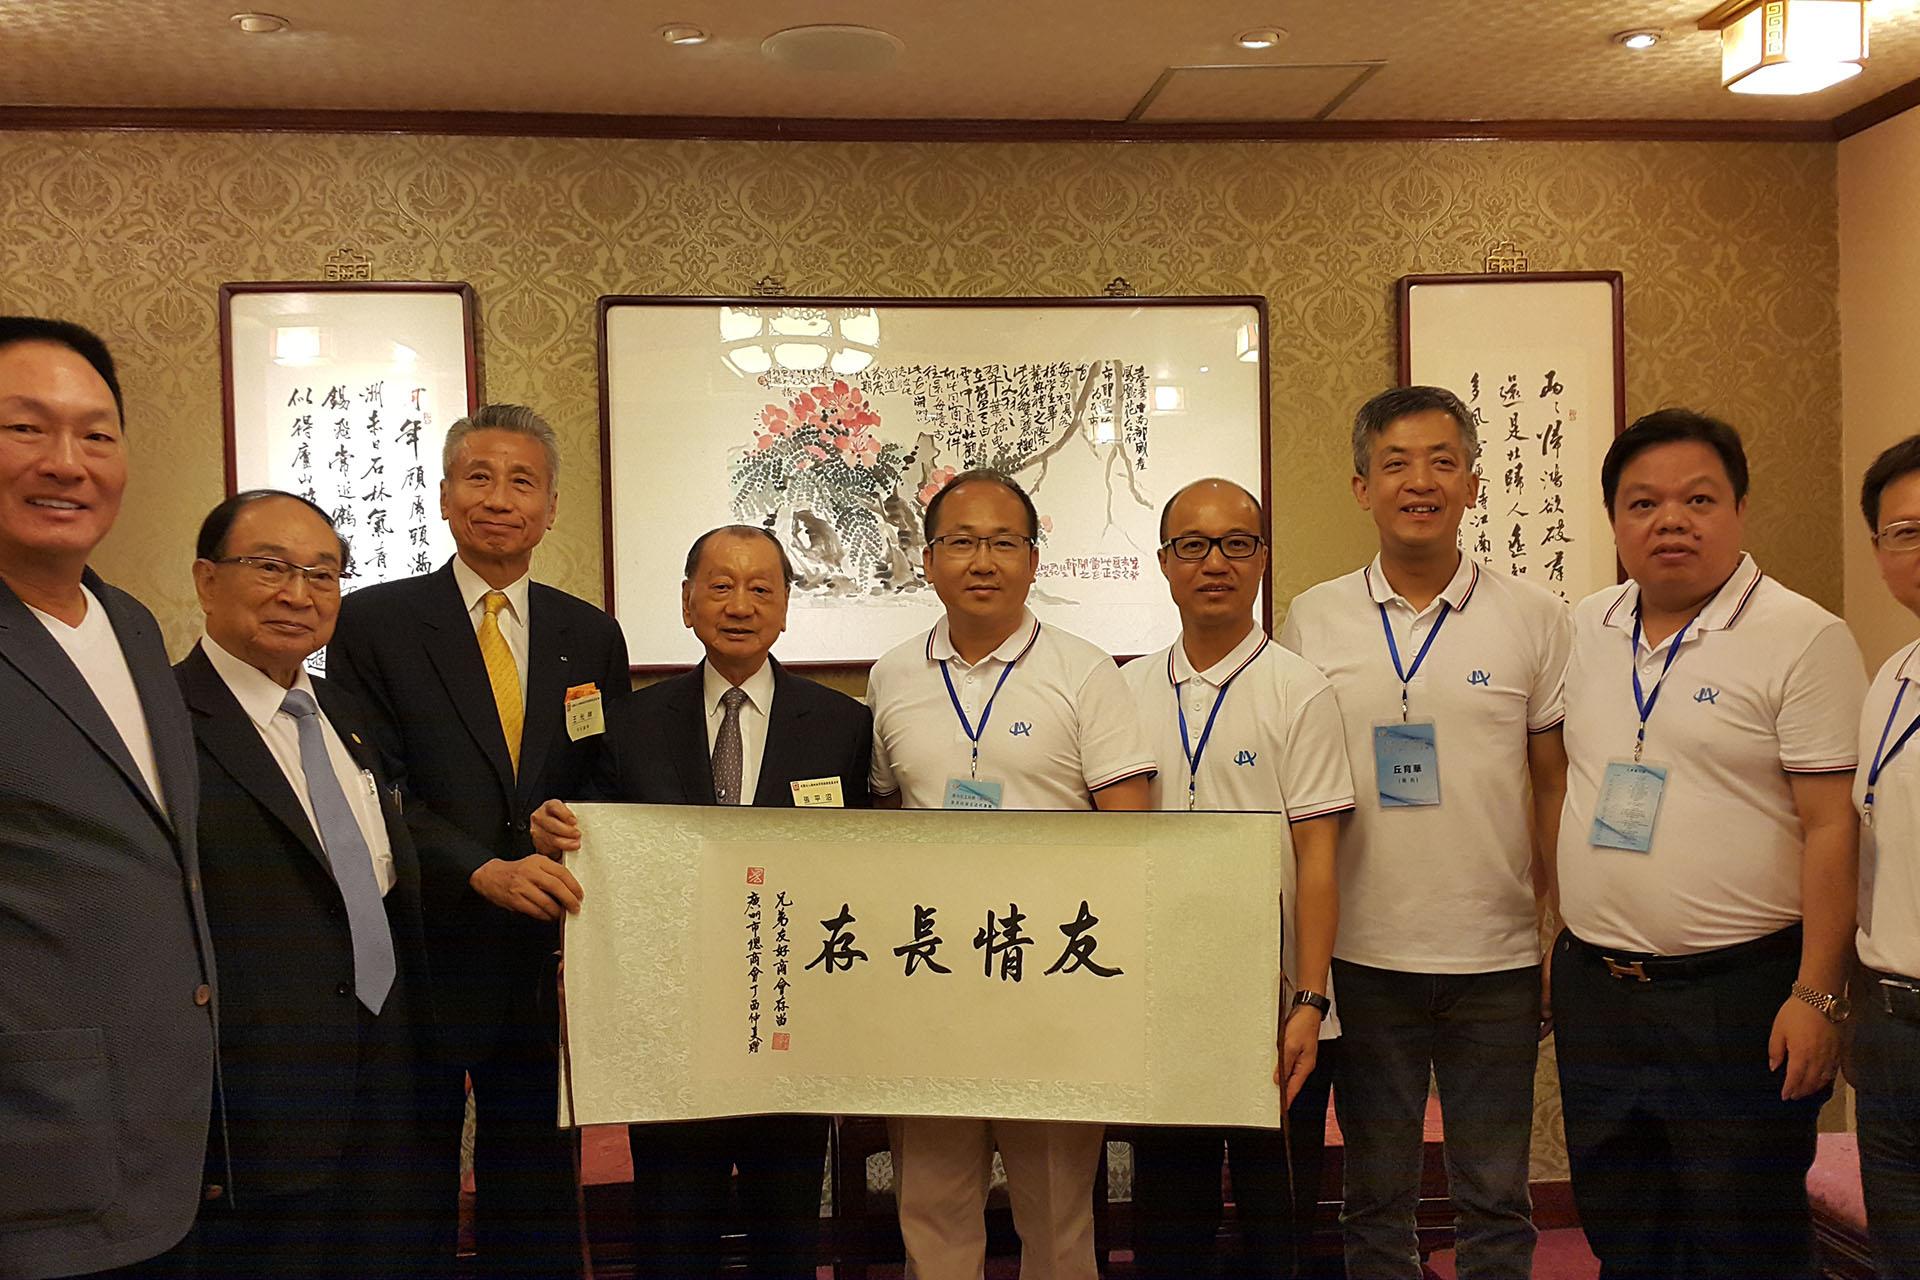 『廣州市工商業聯合會』參訪花絮